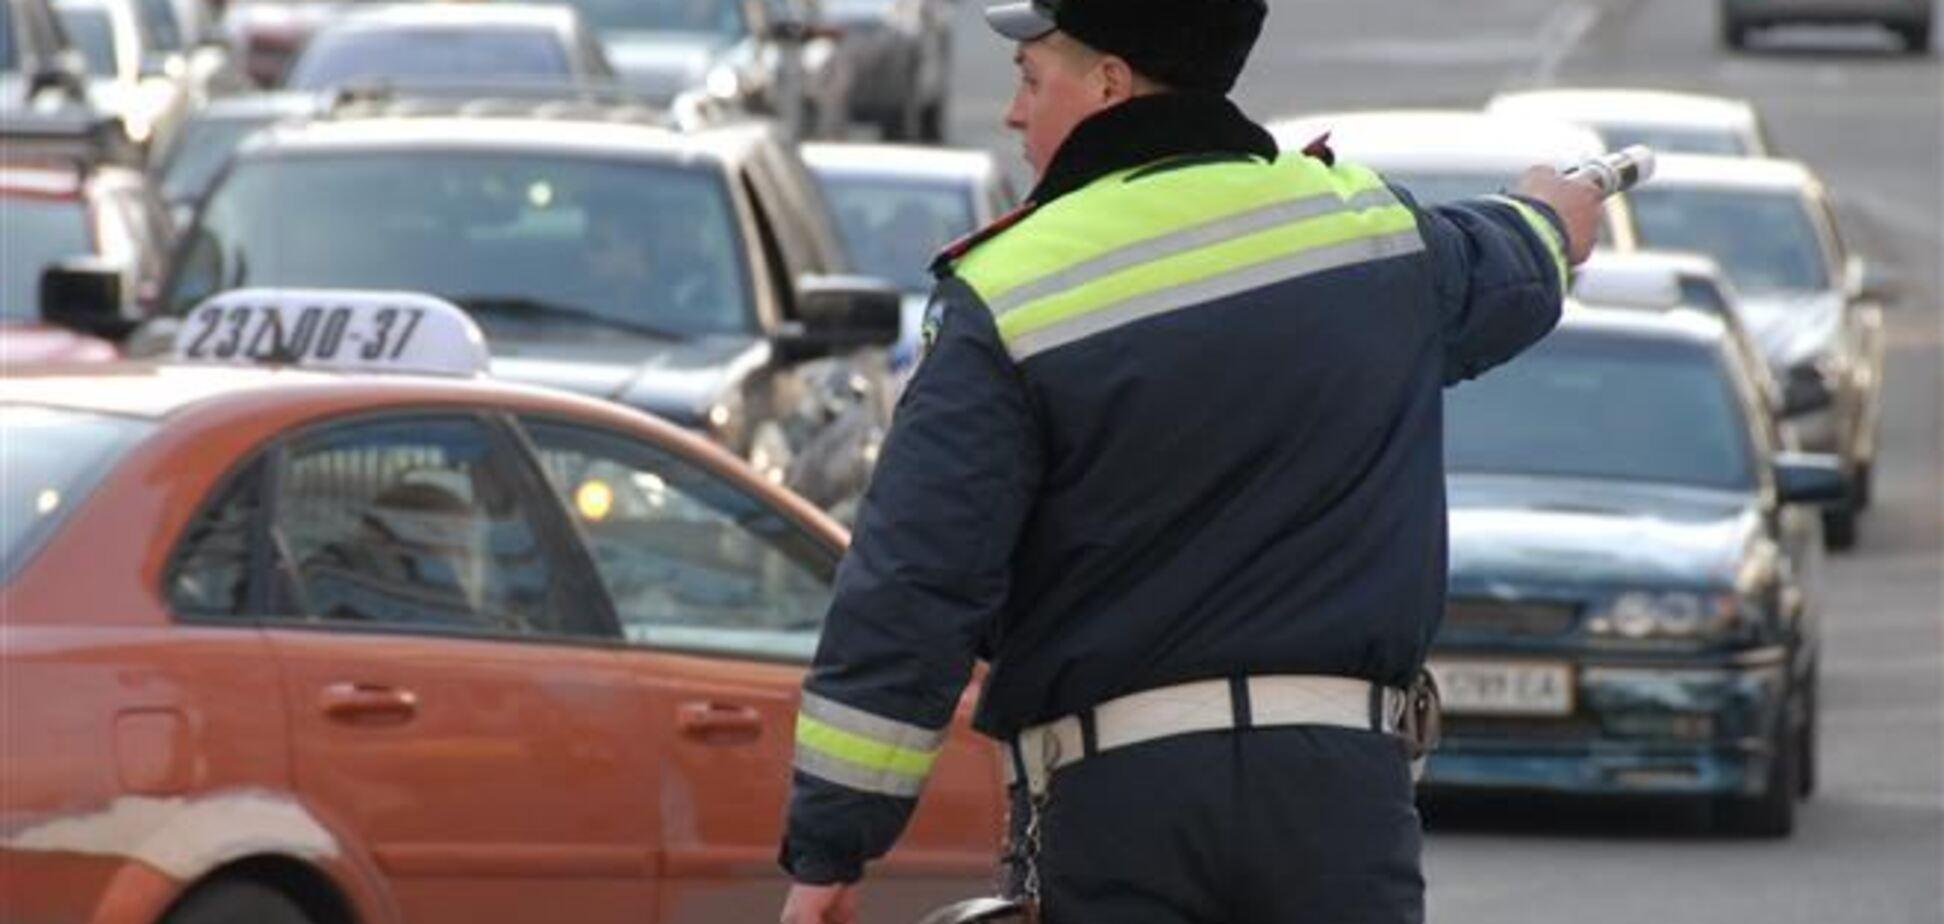 Активист Автомайдана сбил сотрудника ГАИ и скрылся - ГУ МВД в г.Киеве